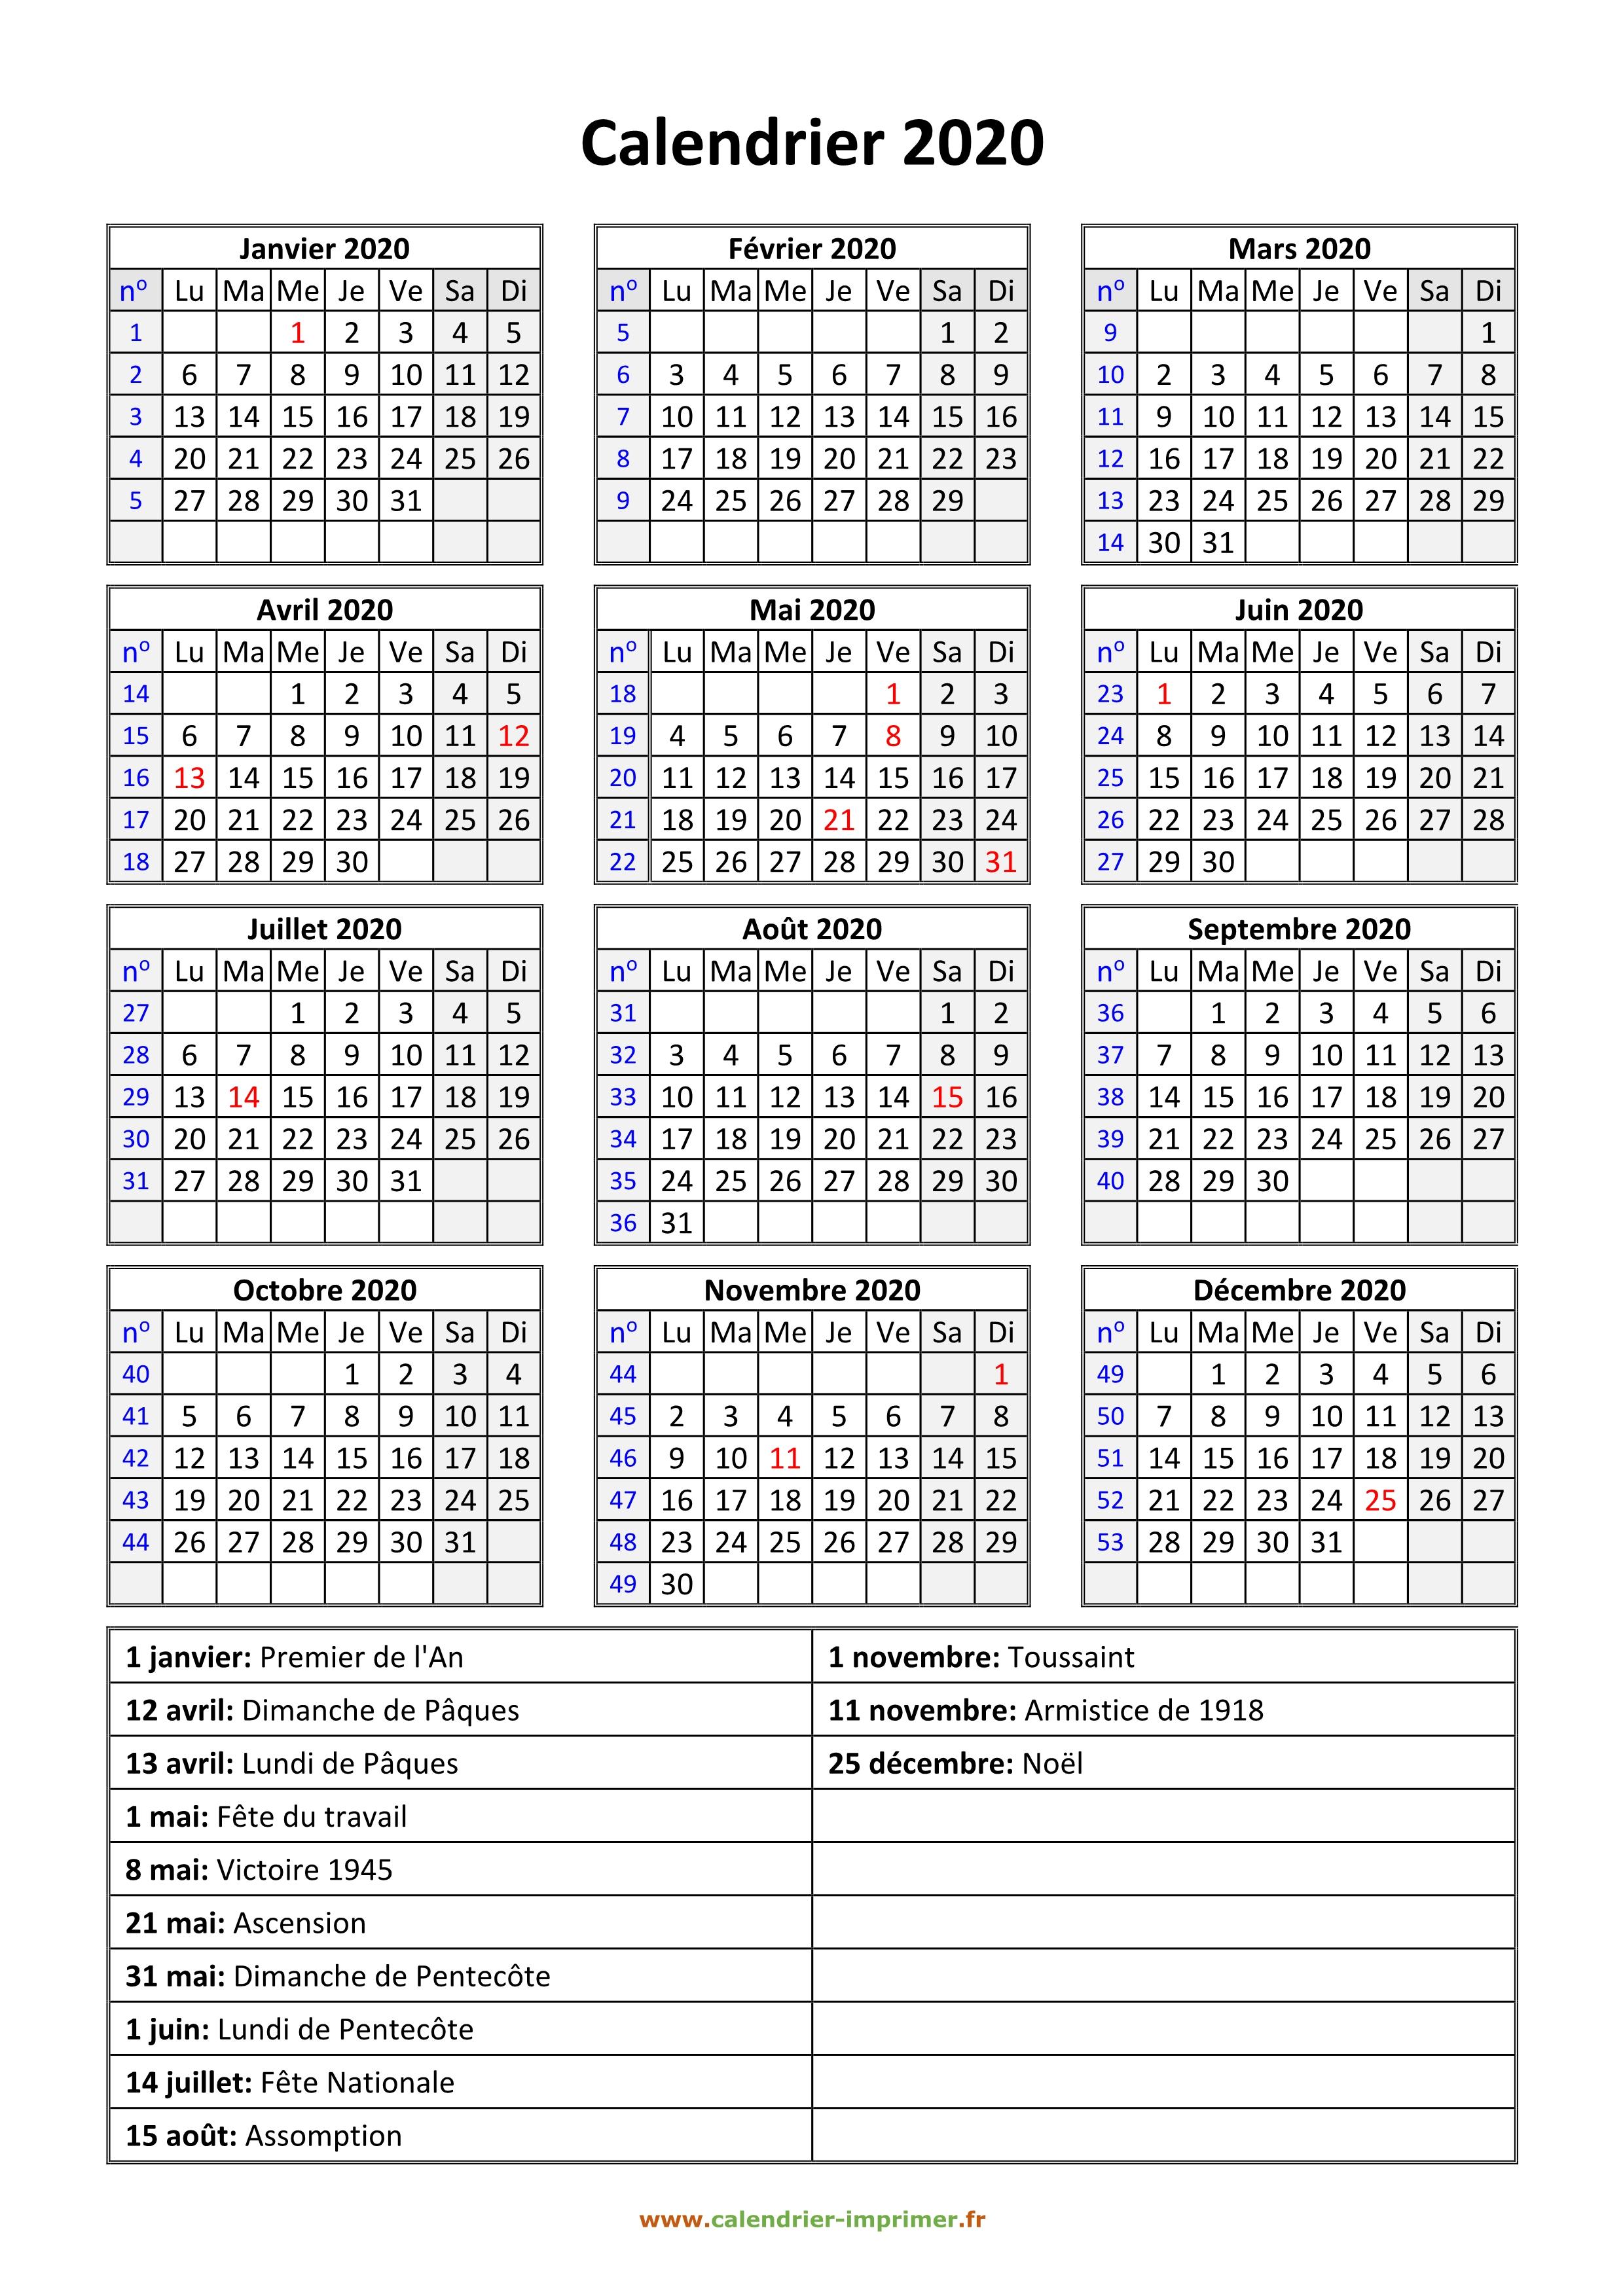 Calendrier 2020 Et 2020 Avec Vacances Scolaires.Calendrier 2020 A Imprimer Gratuit